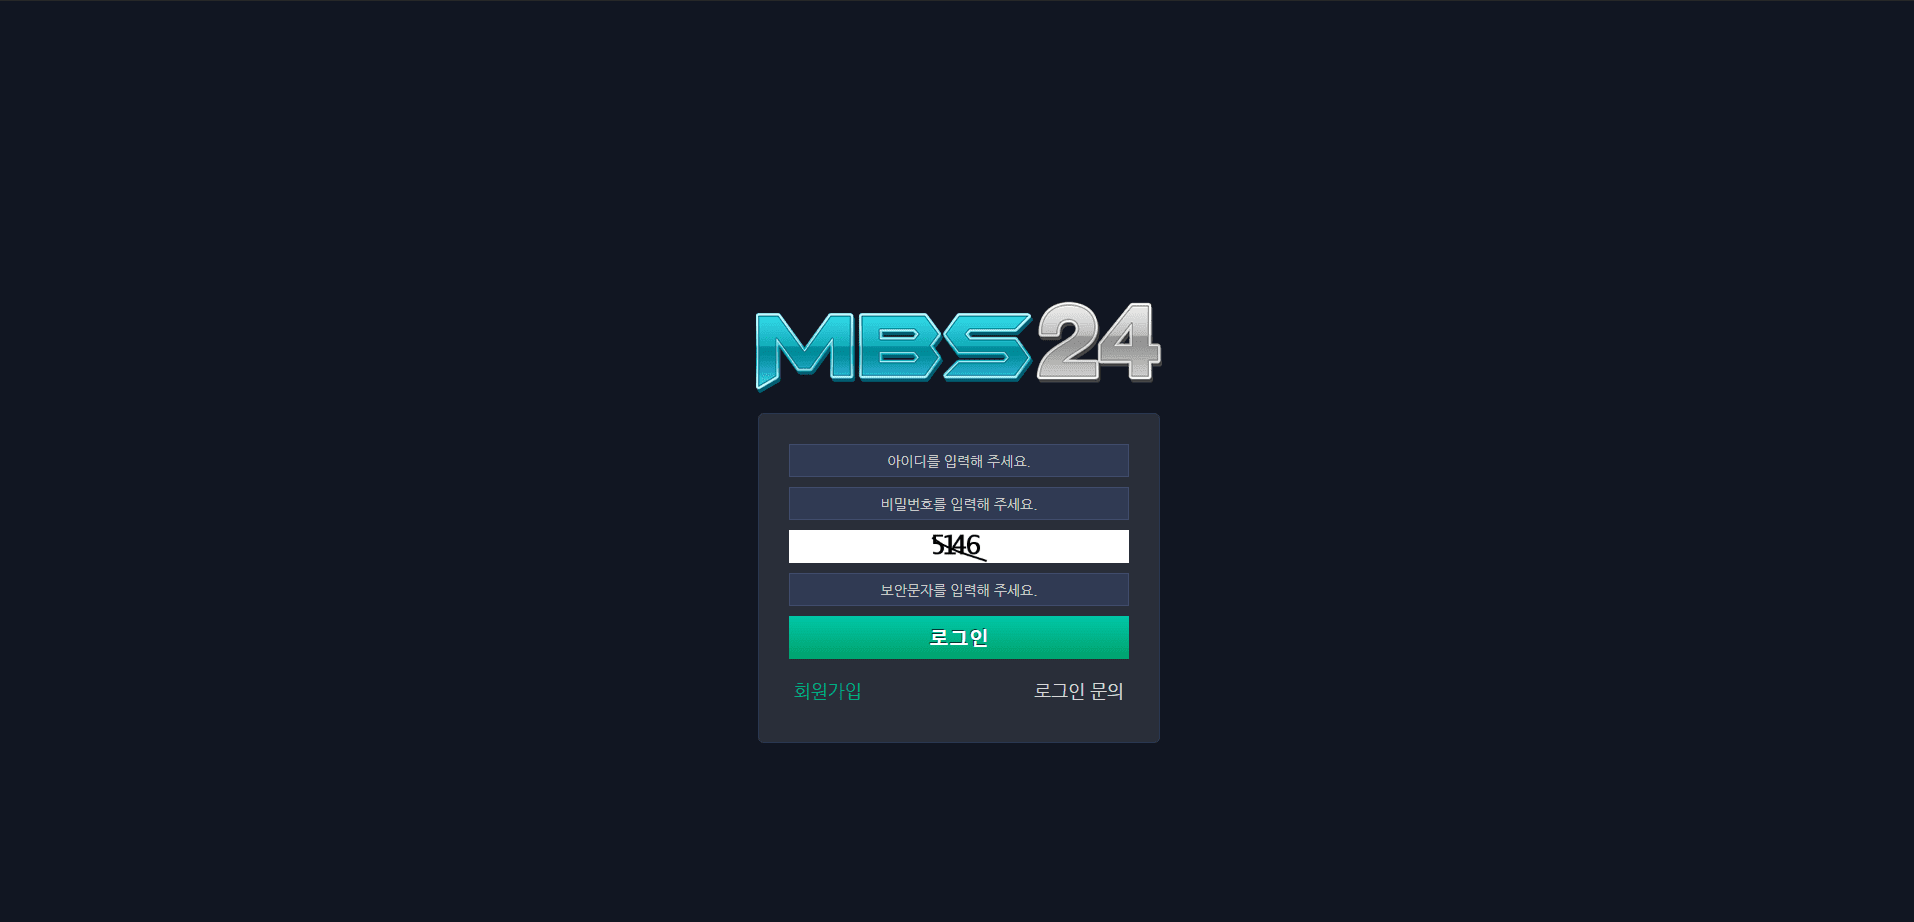 [먹튀검증]MBS24 먹튀사이트확정 hbk-77.com 토토사이트 먹튀검증업체 토토안내소